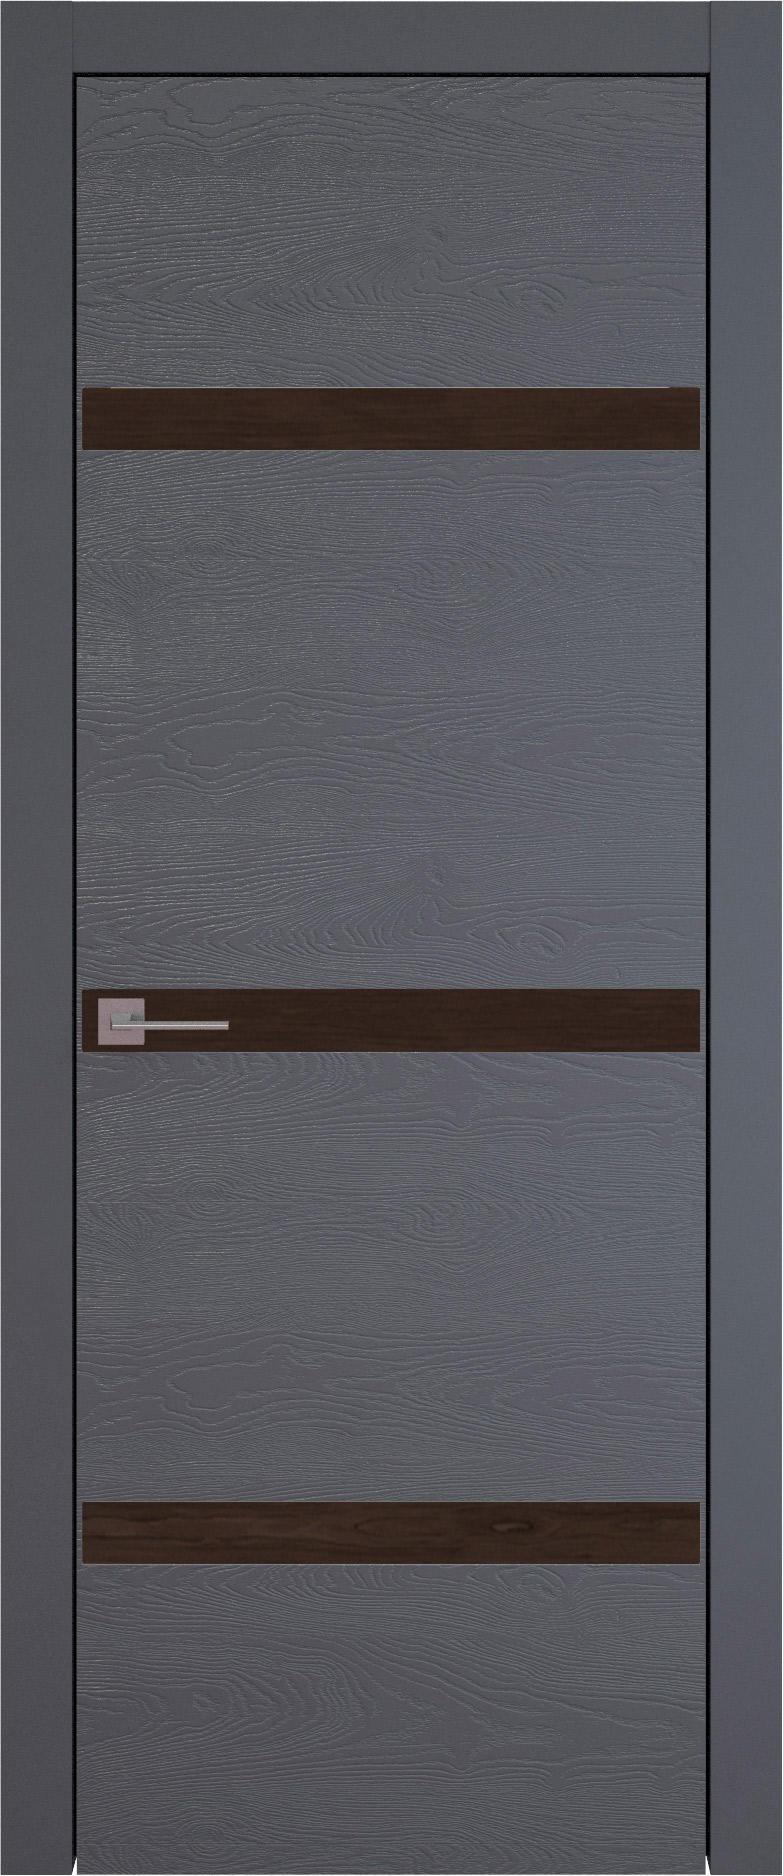 Tivoli Г-4 цвет - Графитово-серая эмаль по шпону (RAL 7024) Без стекла (ДГ)